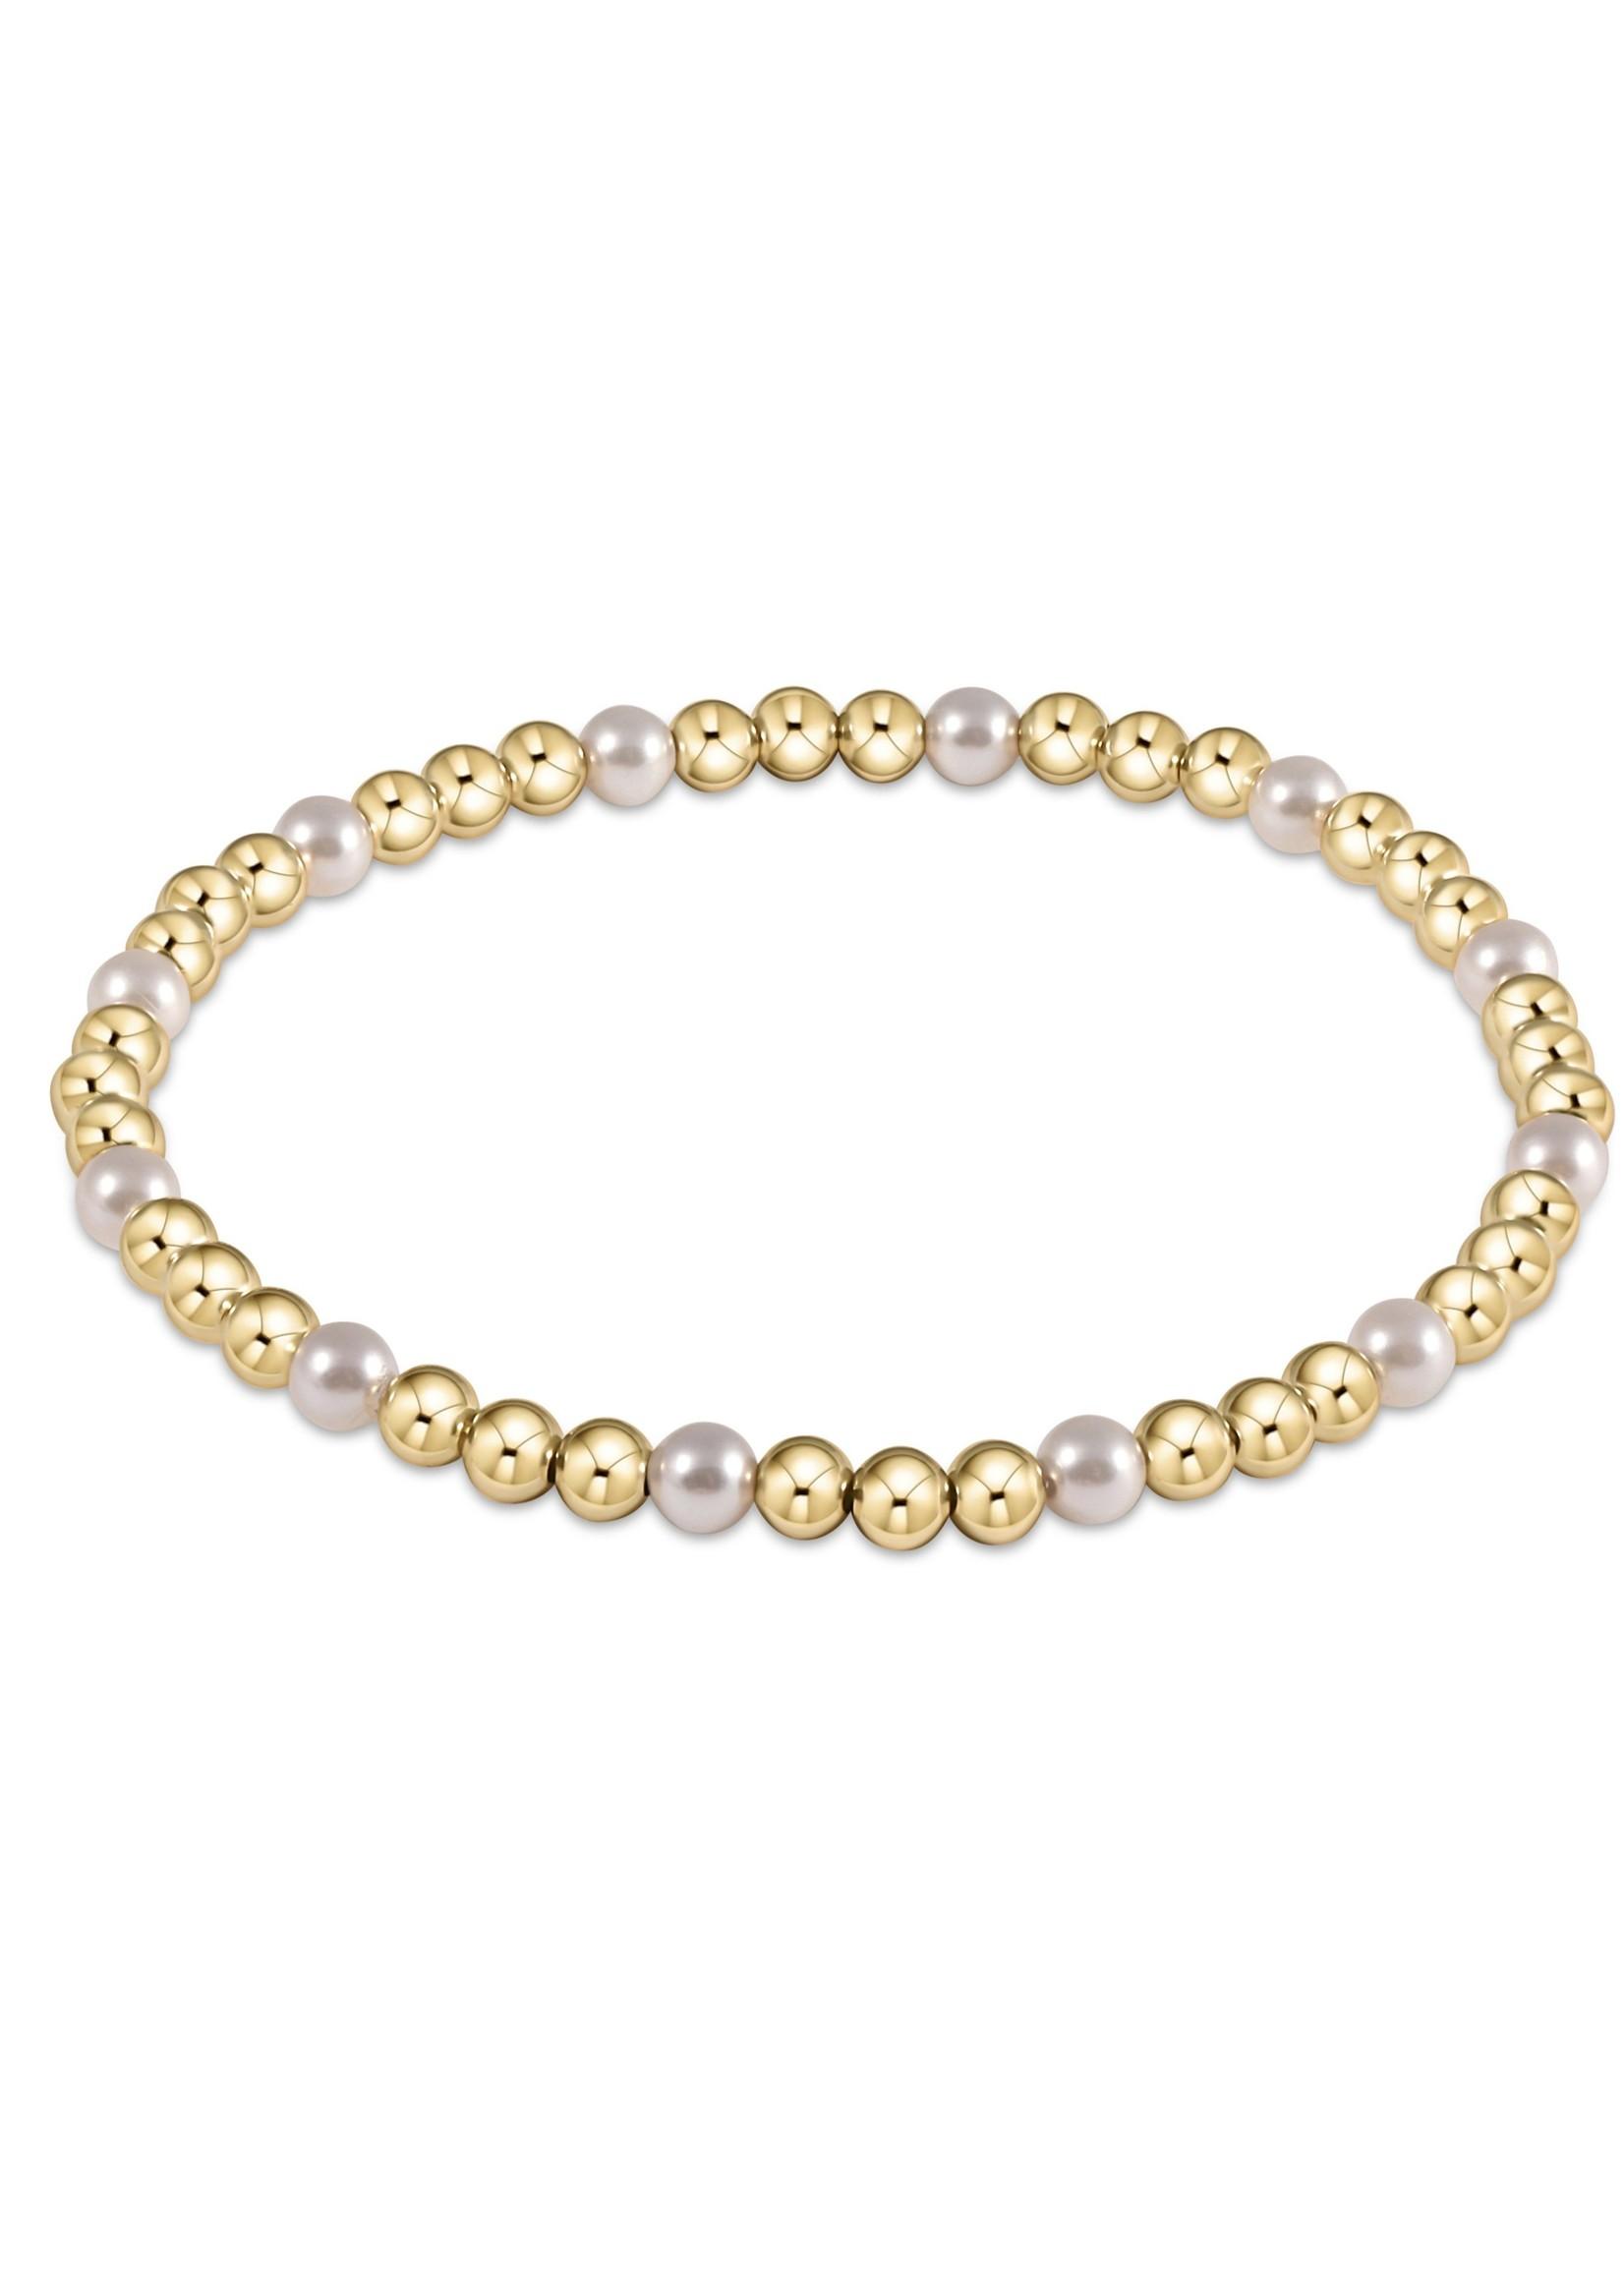 enewton Gold Sincerity Pattern 3mm Bead Bracelet - Pearl